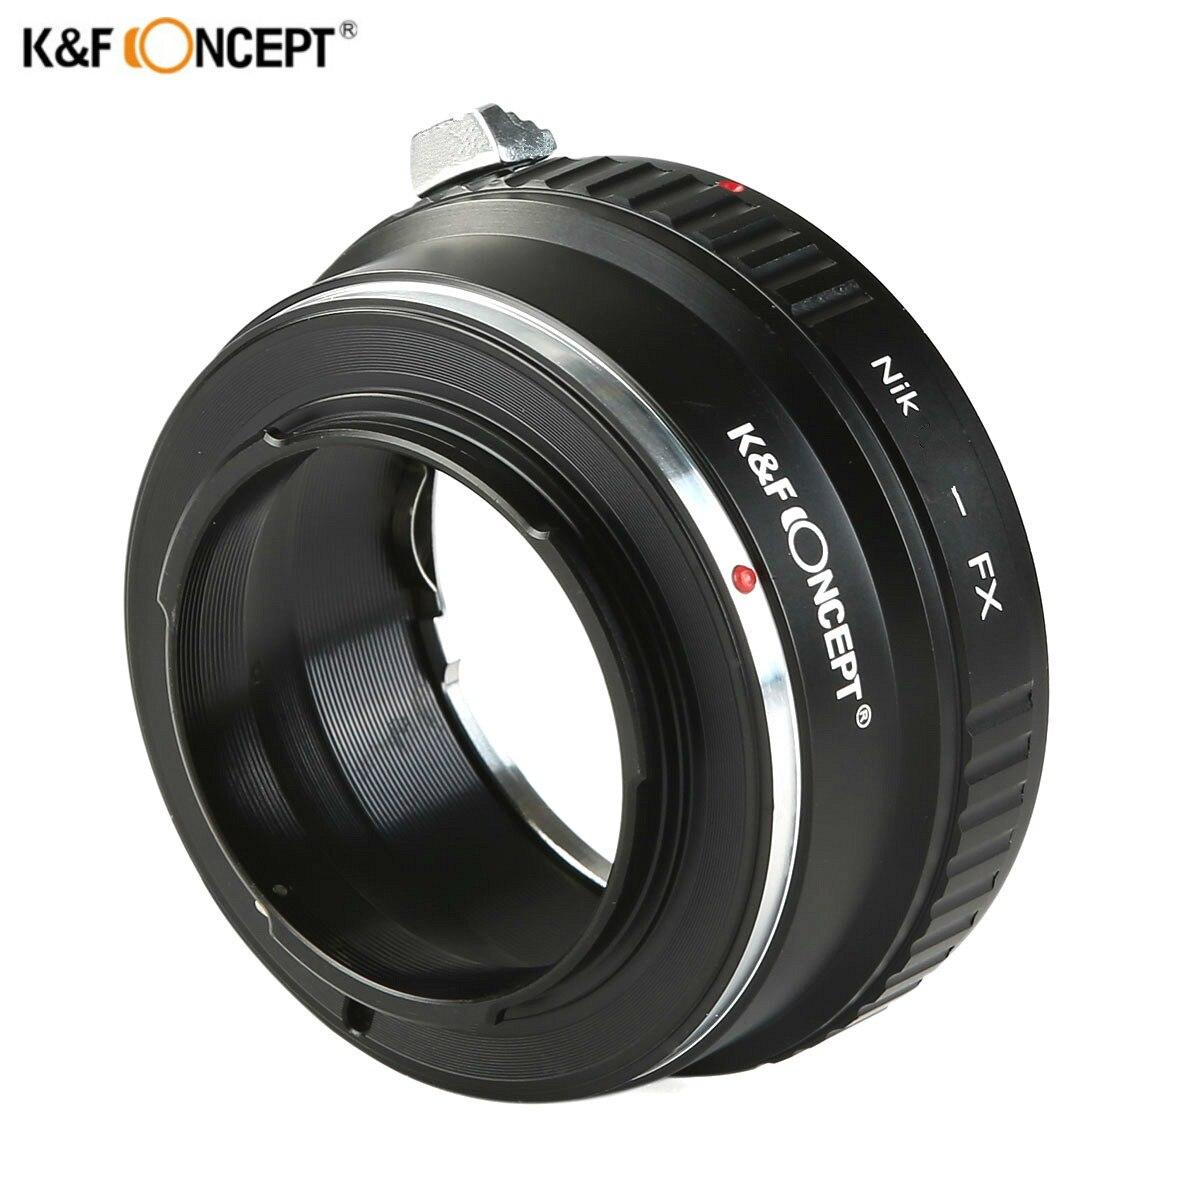 Adaptateur d'objectif K & F CONCEPT pour Nikon Auto AI AIs AF objectif à Fujifilm Fuji FX monture X-Pro1 appareil photo X-E1